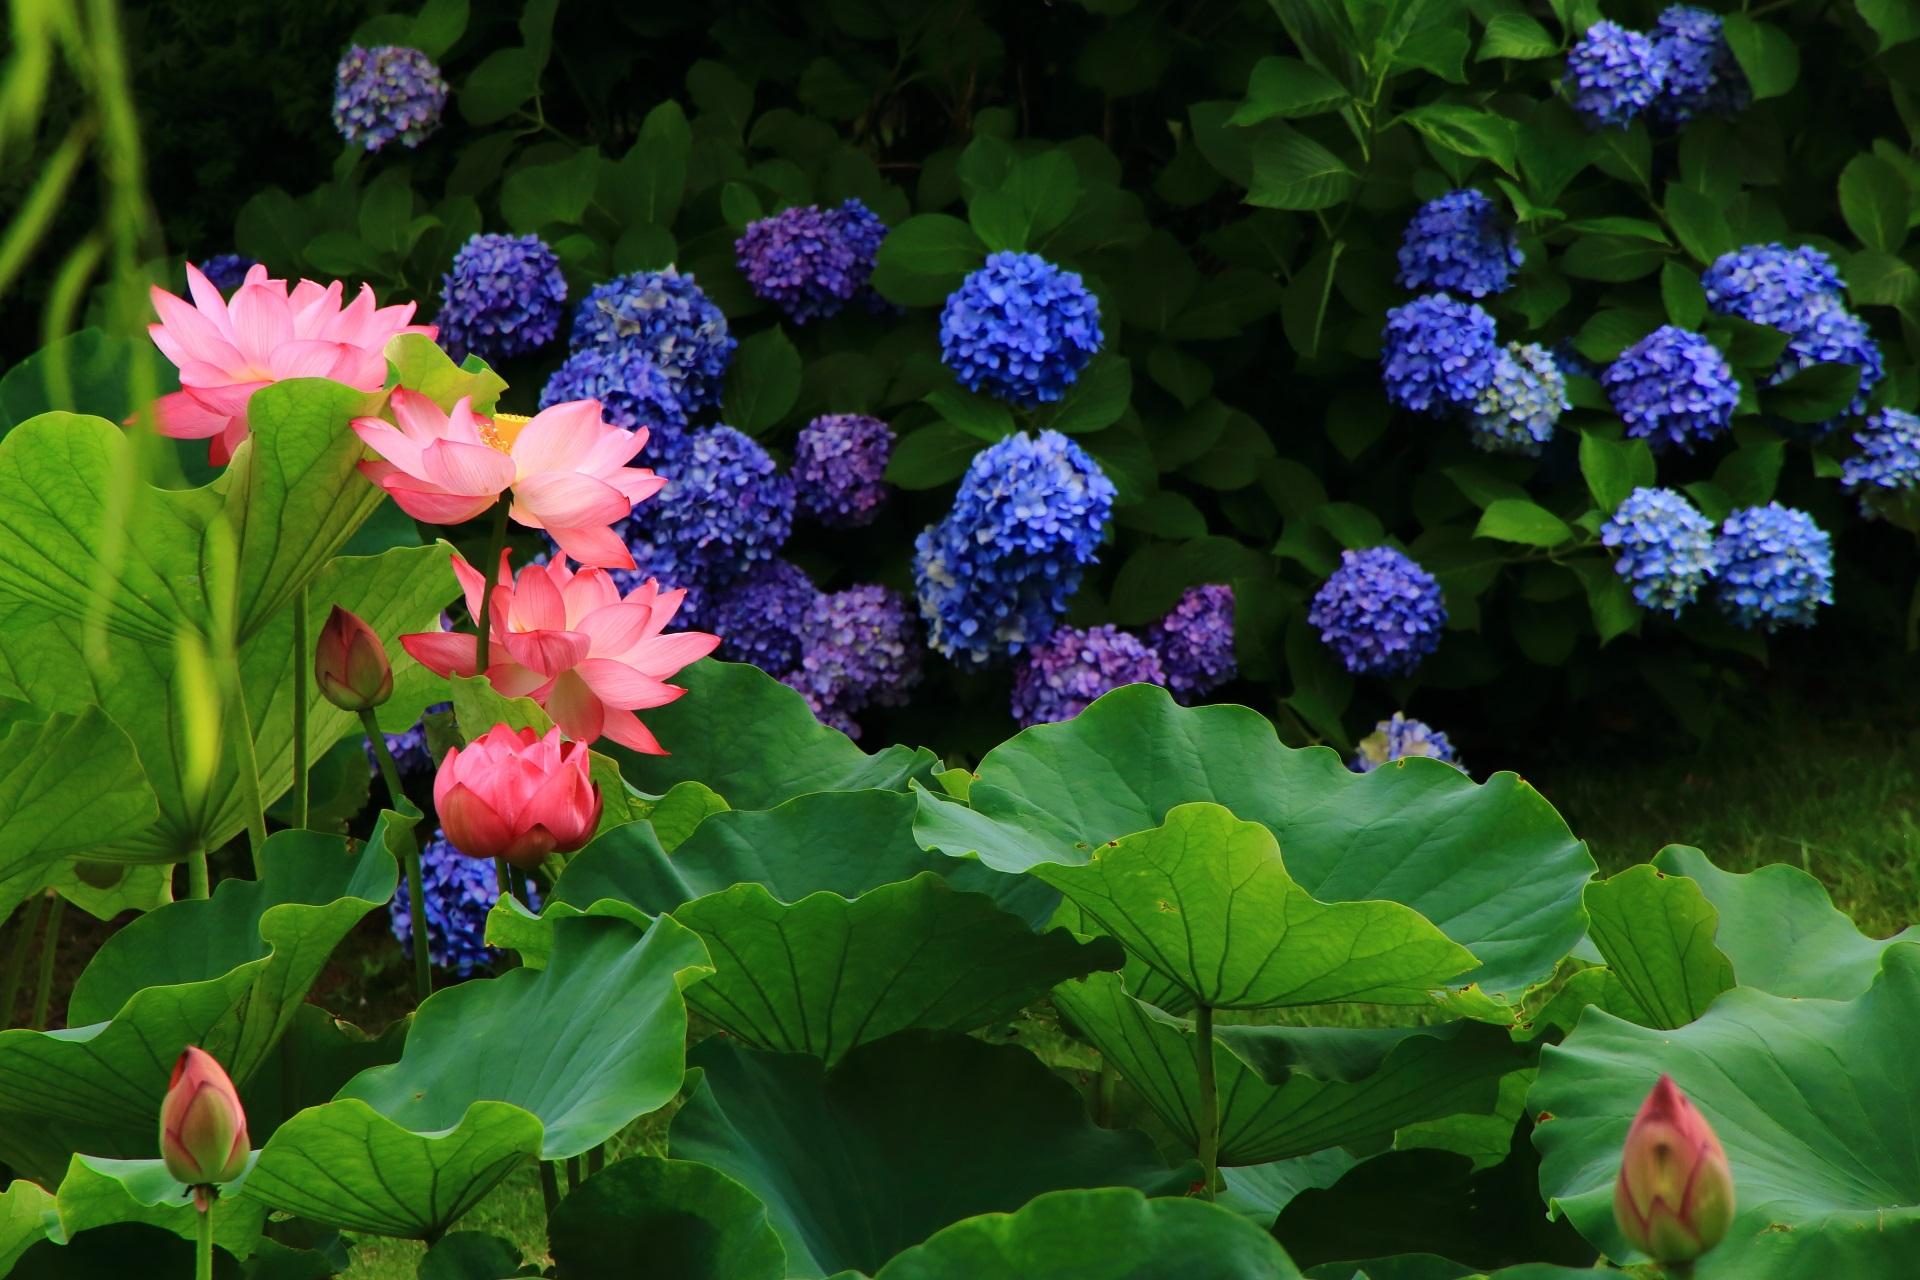 自然の中の色んなものが揃わないと見られない蓮と紫陽花と柳の一生もんの景色